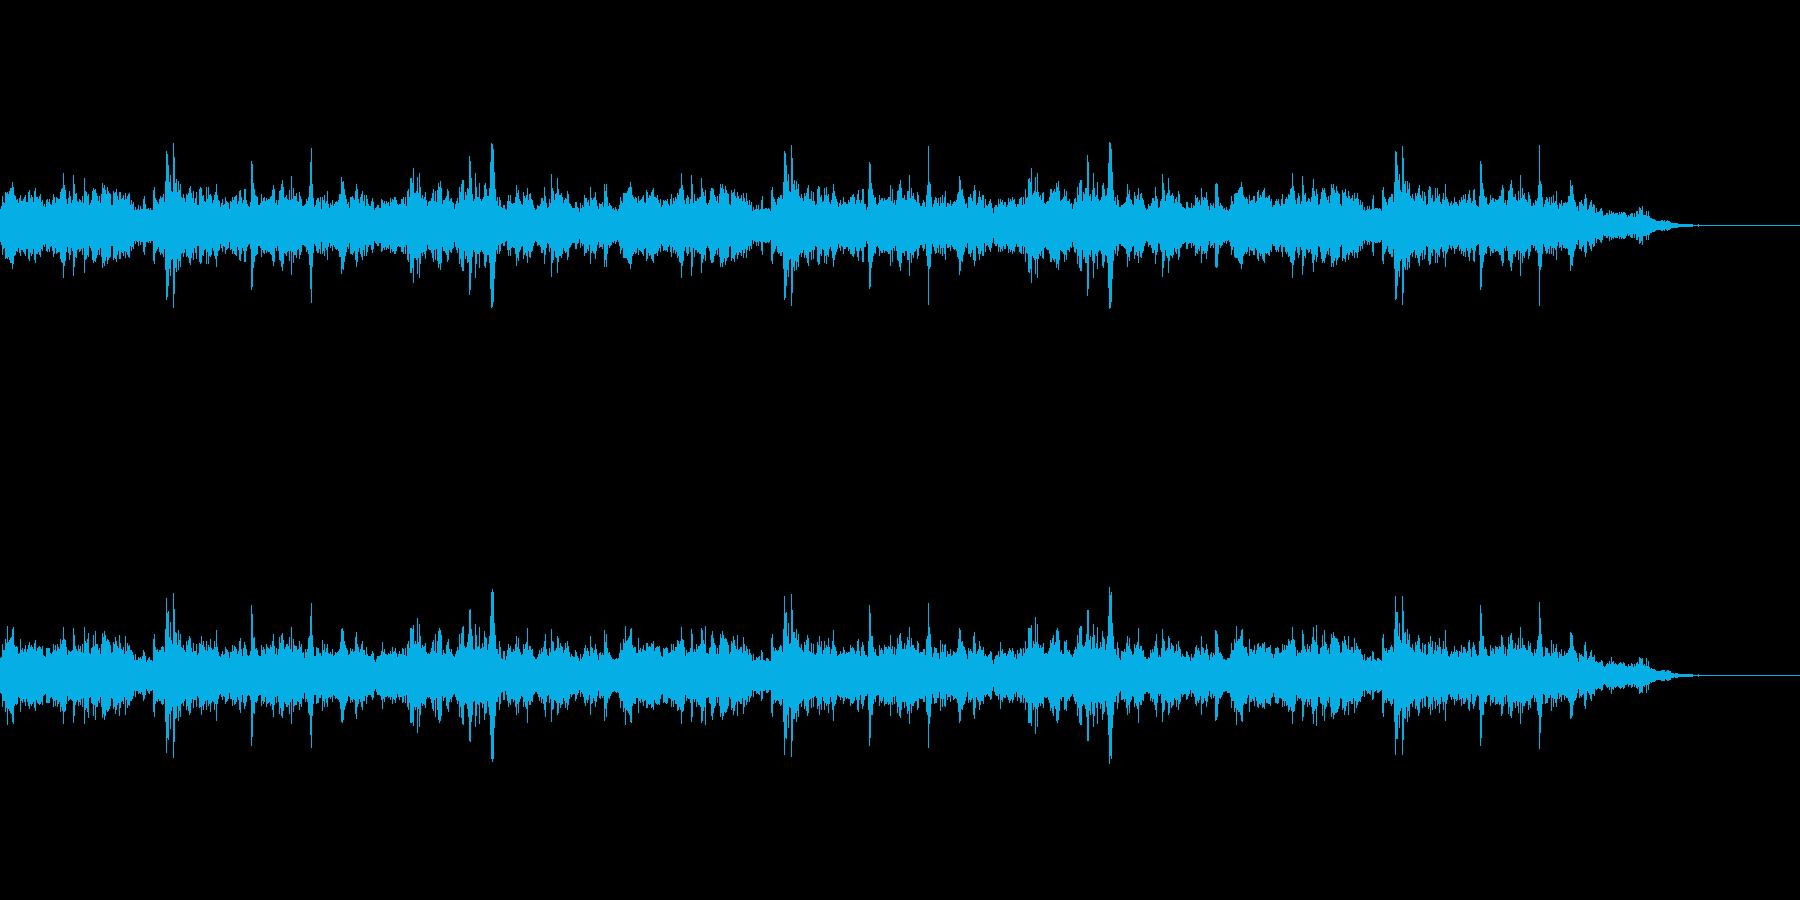 用水路を水が流れる音の再生済みの波形